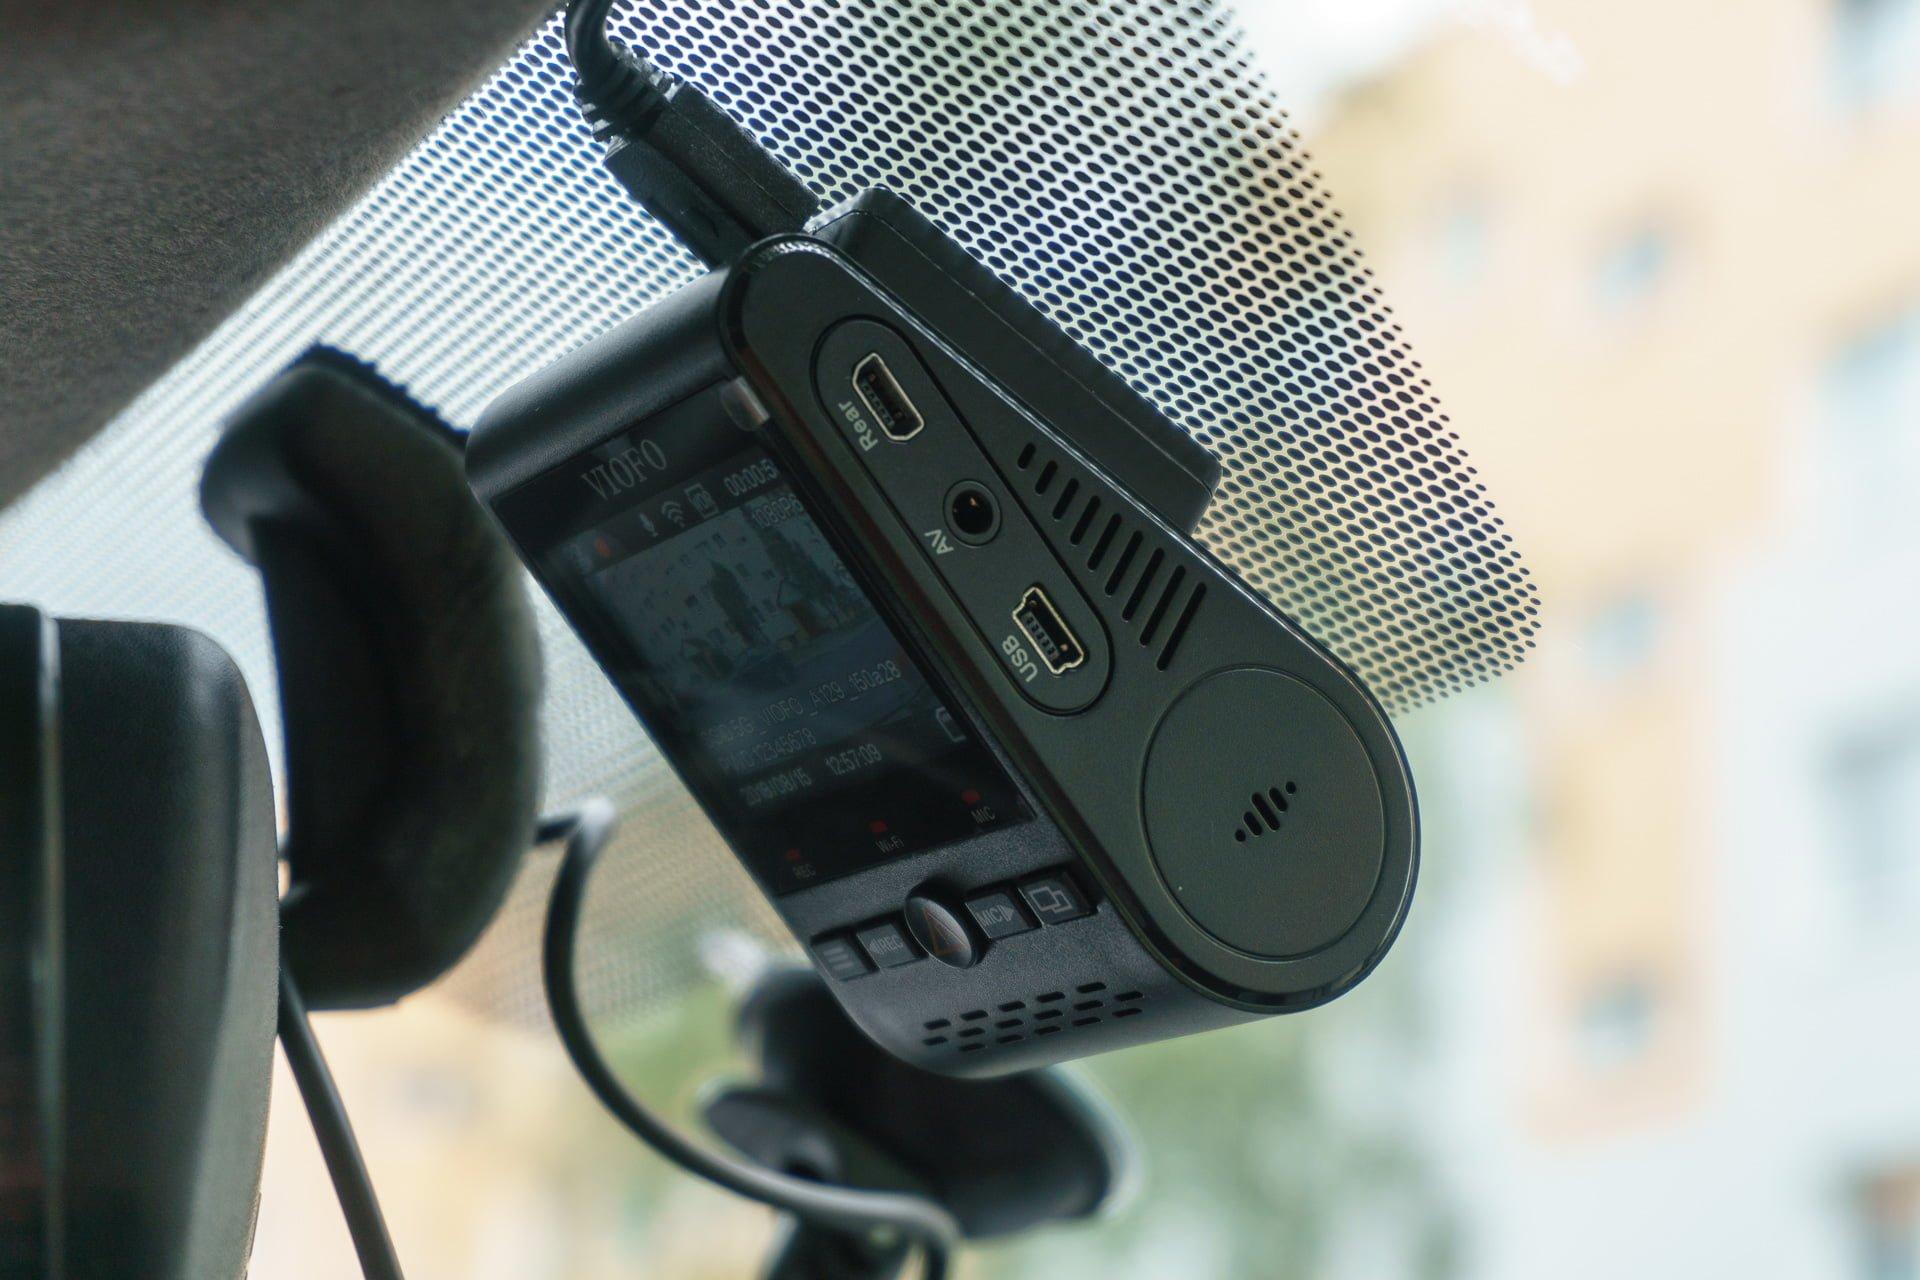 Rejestrator Viofo A129 Duo - król nocy (recenzja + kod zniżkowy dla czytelników) 24